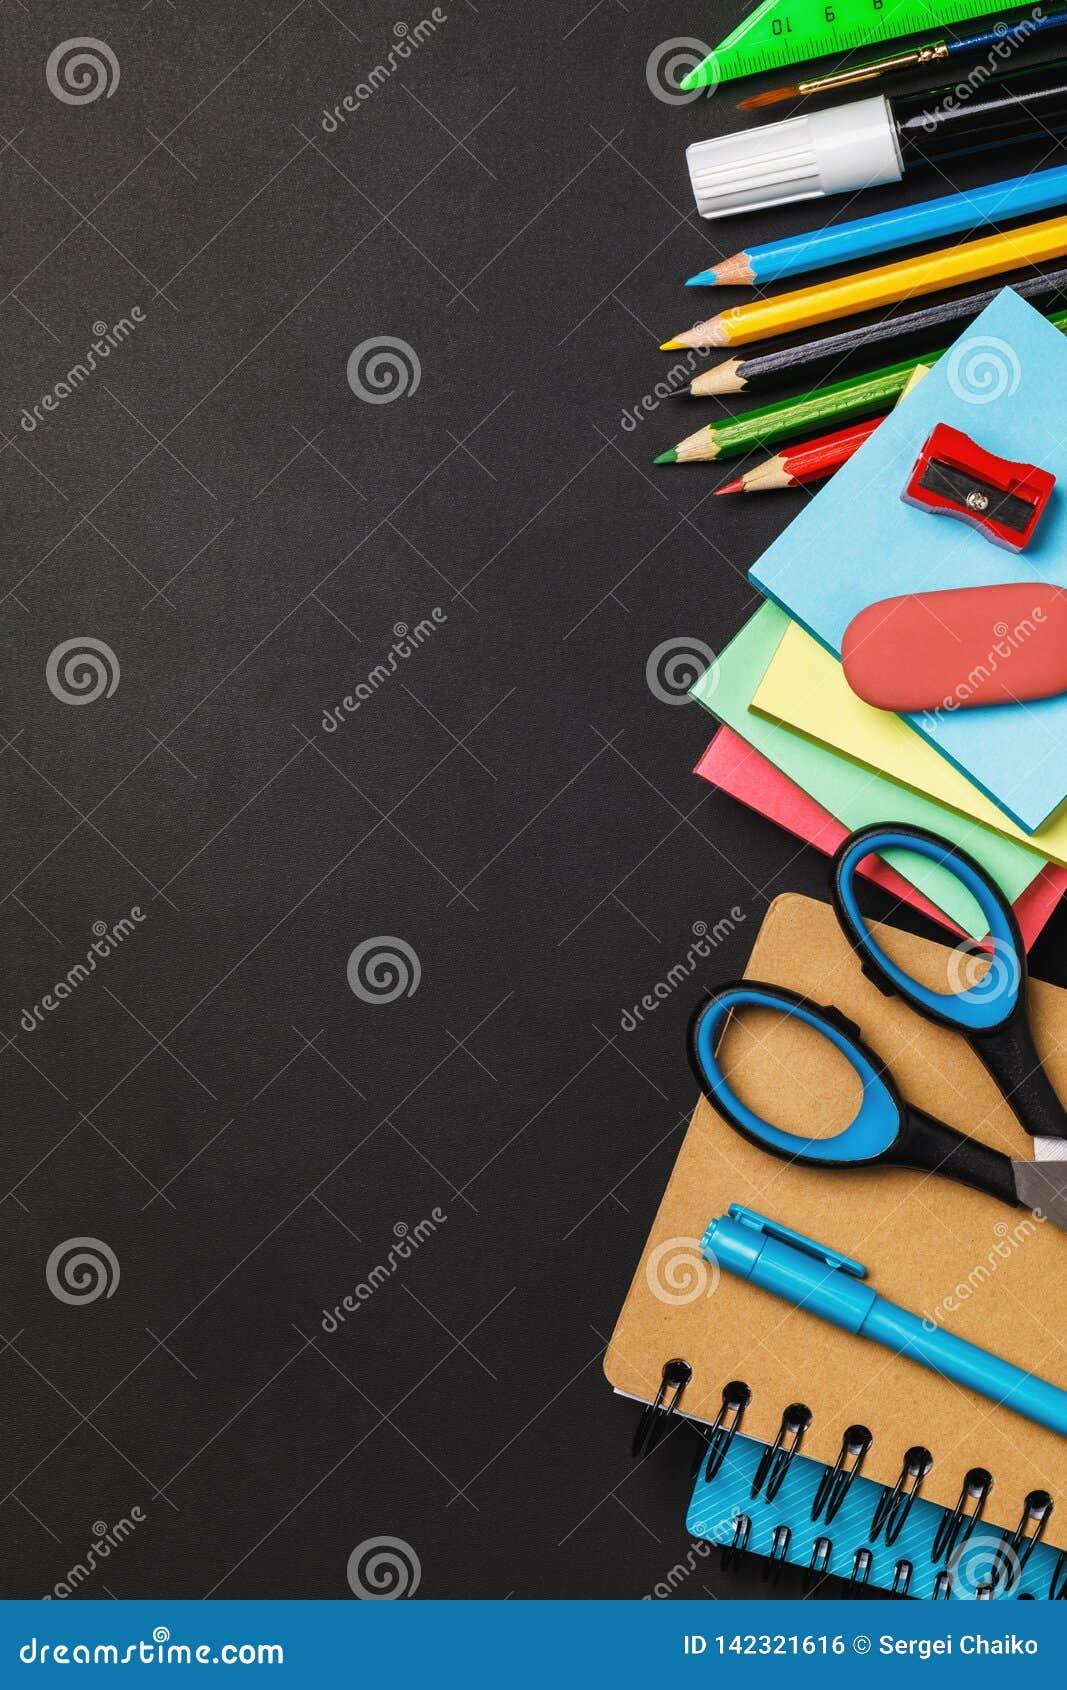 Quadro-negro com fontes de escola no espaço do lado direito e da cópia